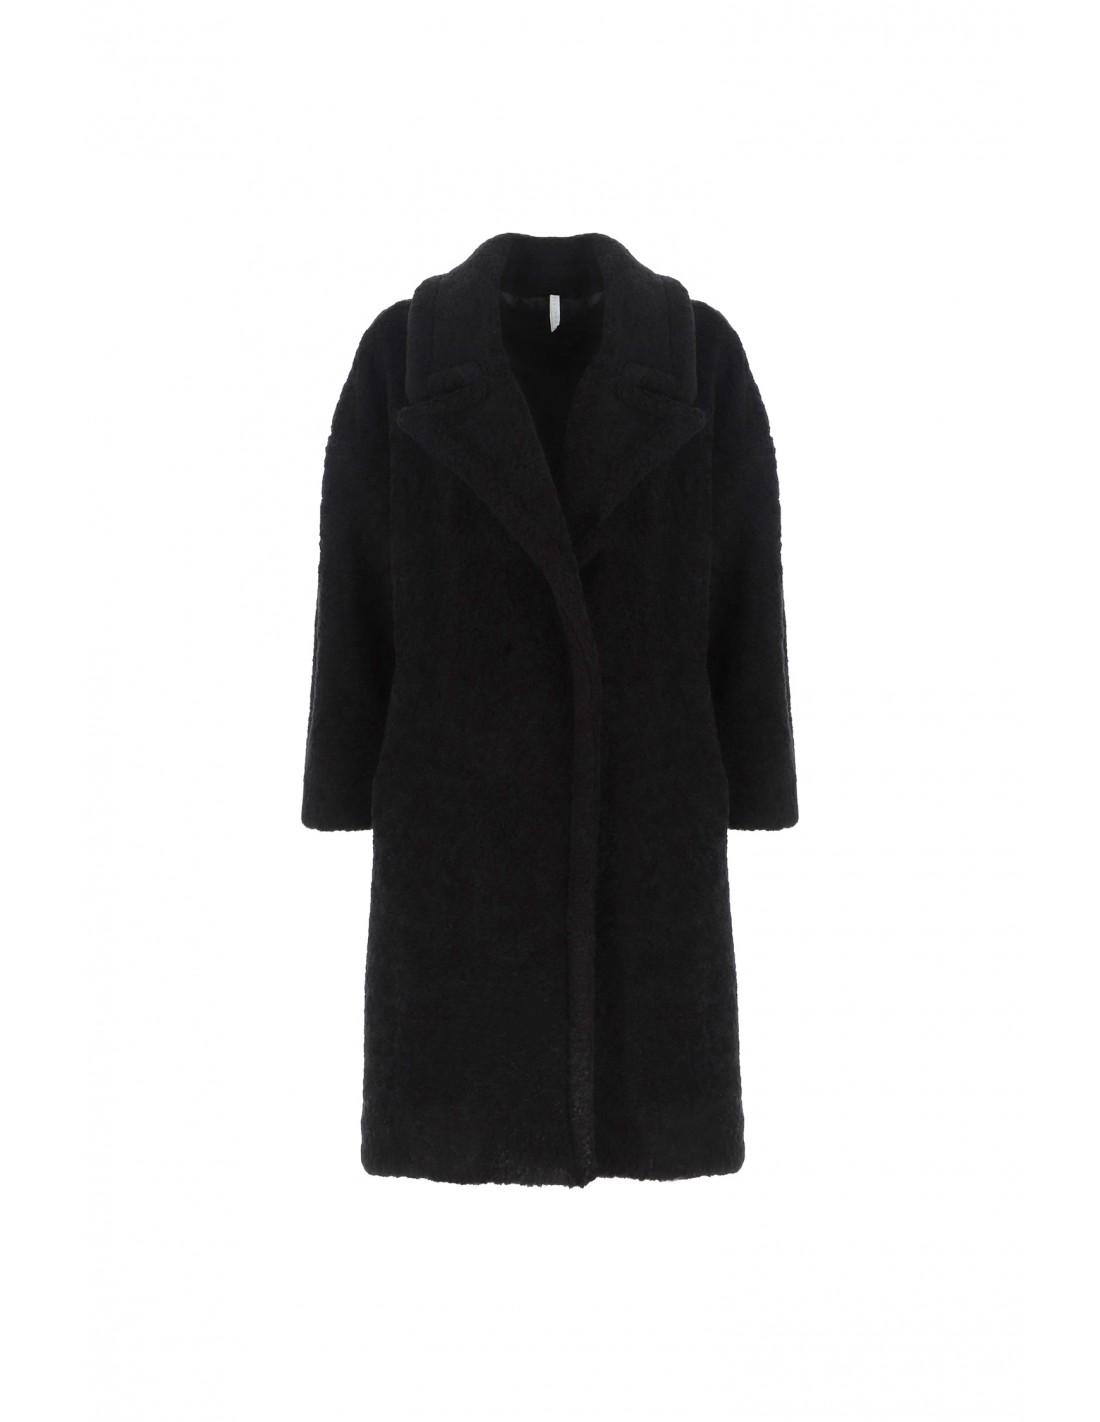 Manteau bouclette femme noir